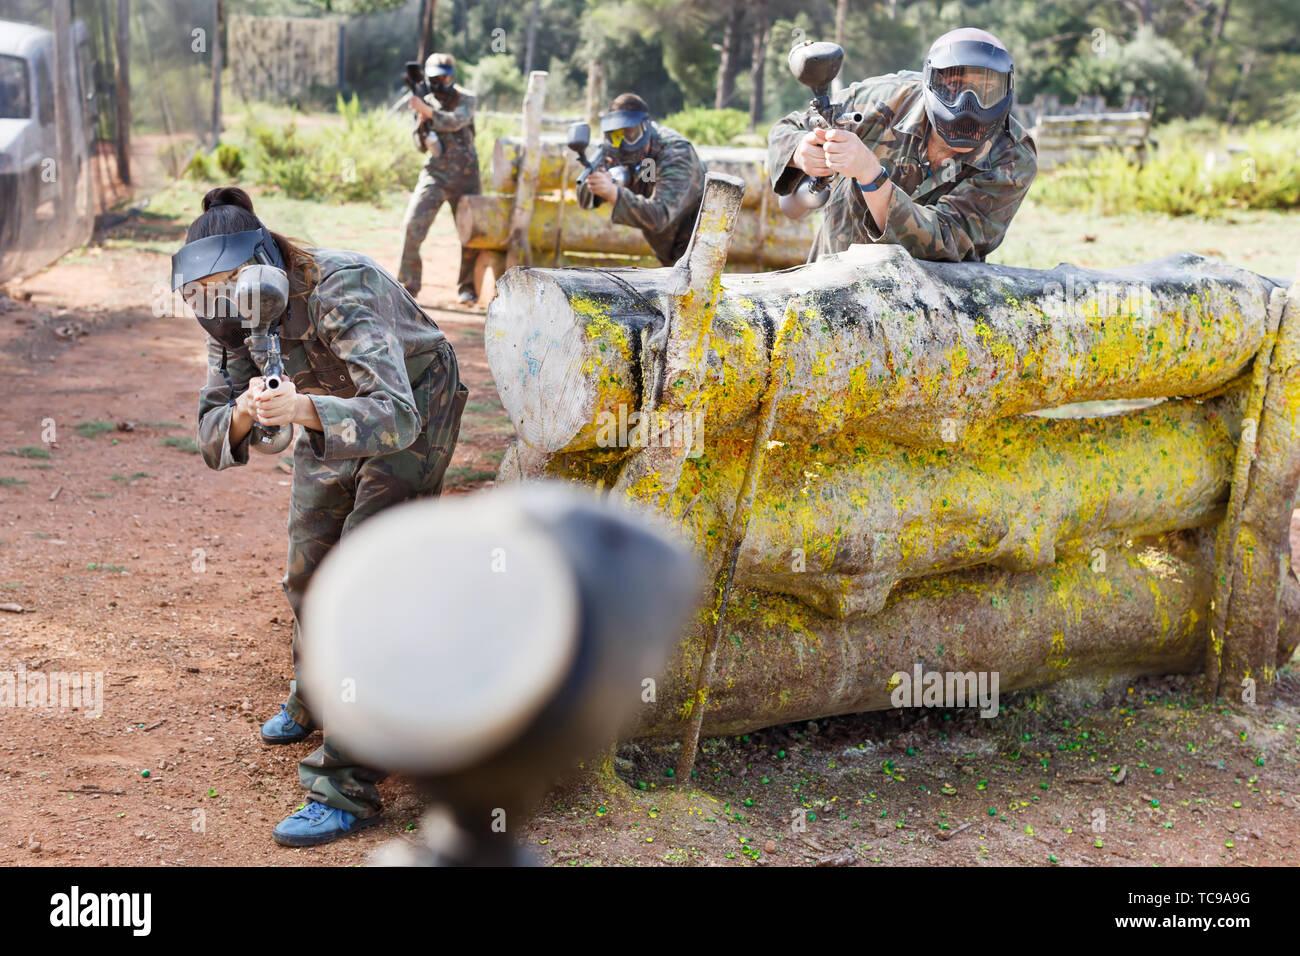 Paintball Spieler zielen und schießen mit dem Marker Gewehren an einem gegnerischen Team im Freien Stockfoto